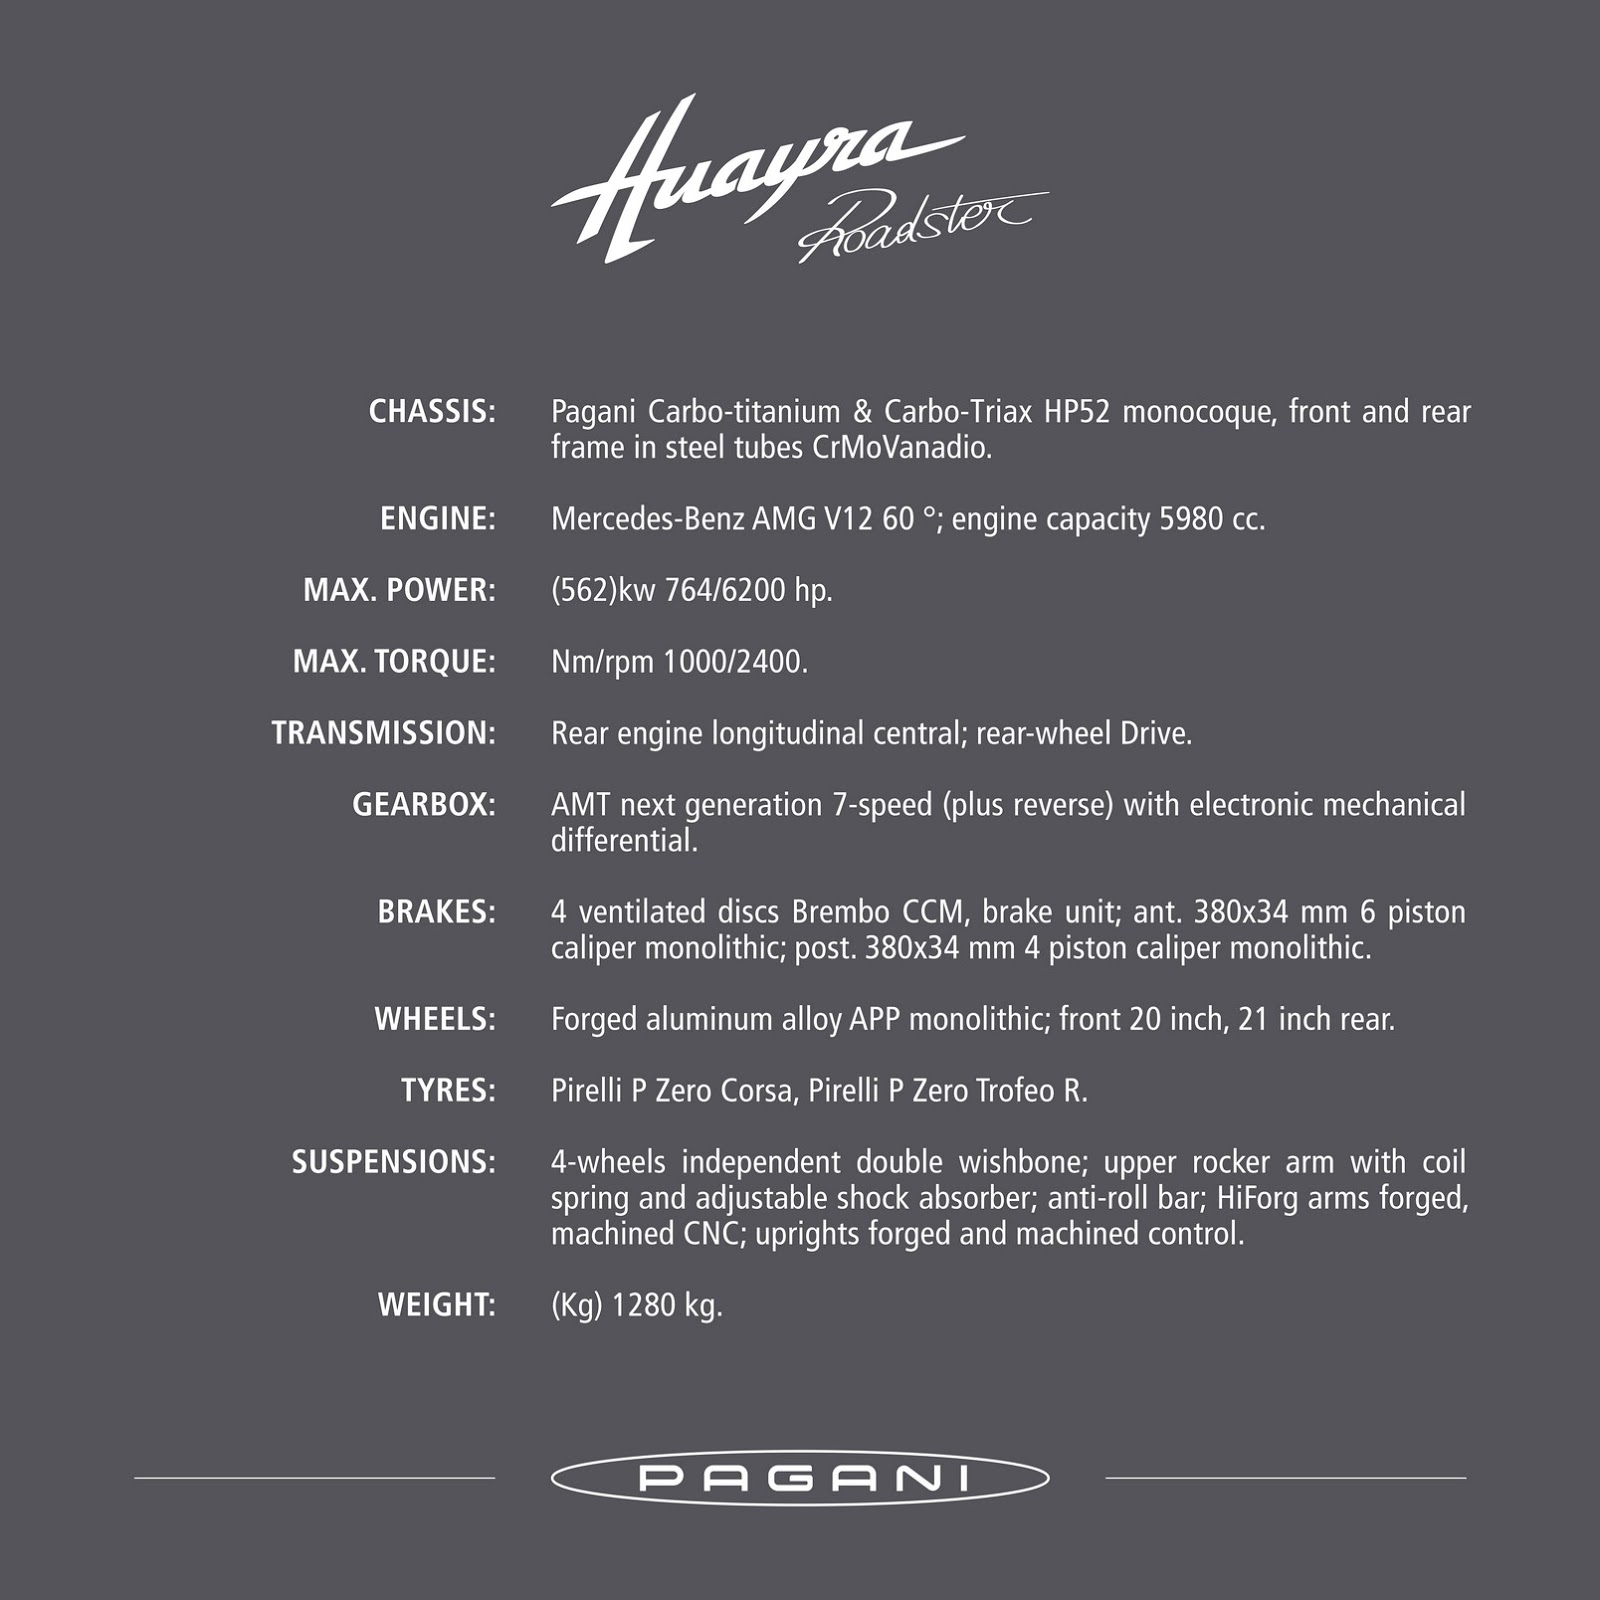 Pagani_Huayra_Roadster_01